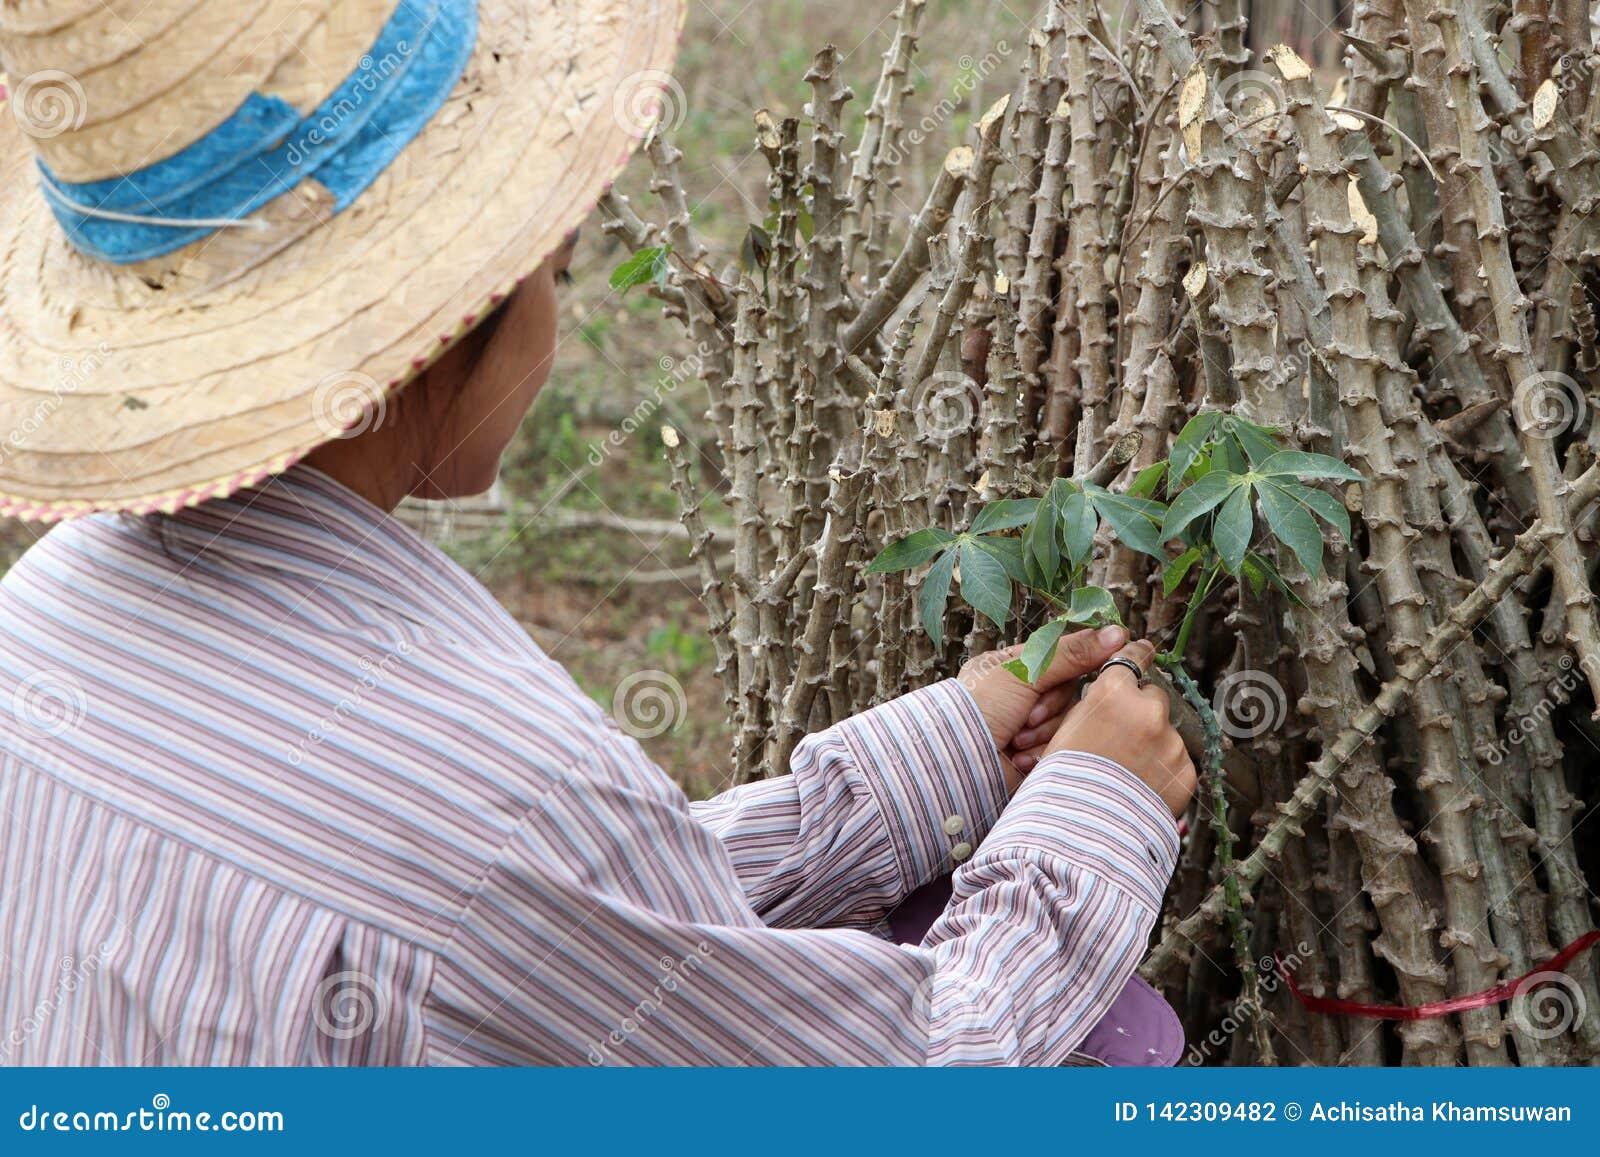 Haste fêmea da folha de Catching do fazendeiro da planta de tapiocas com membro das tapiocas que cortou a pilha junto na exploraç